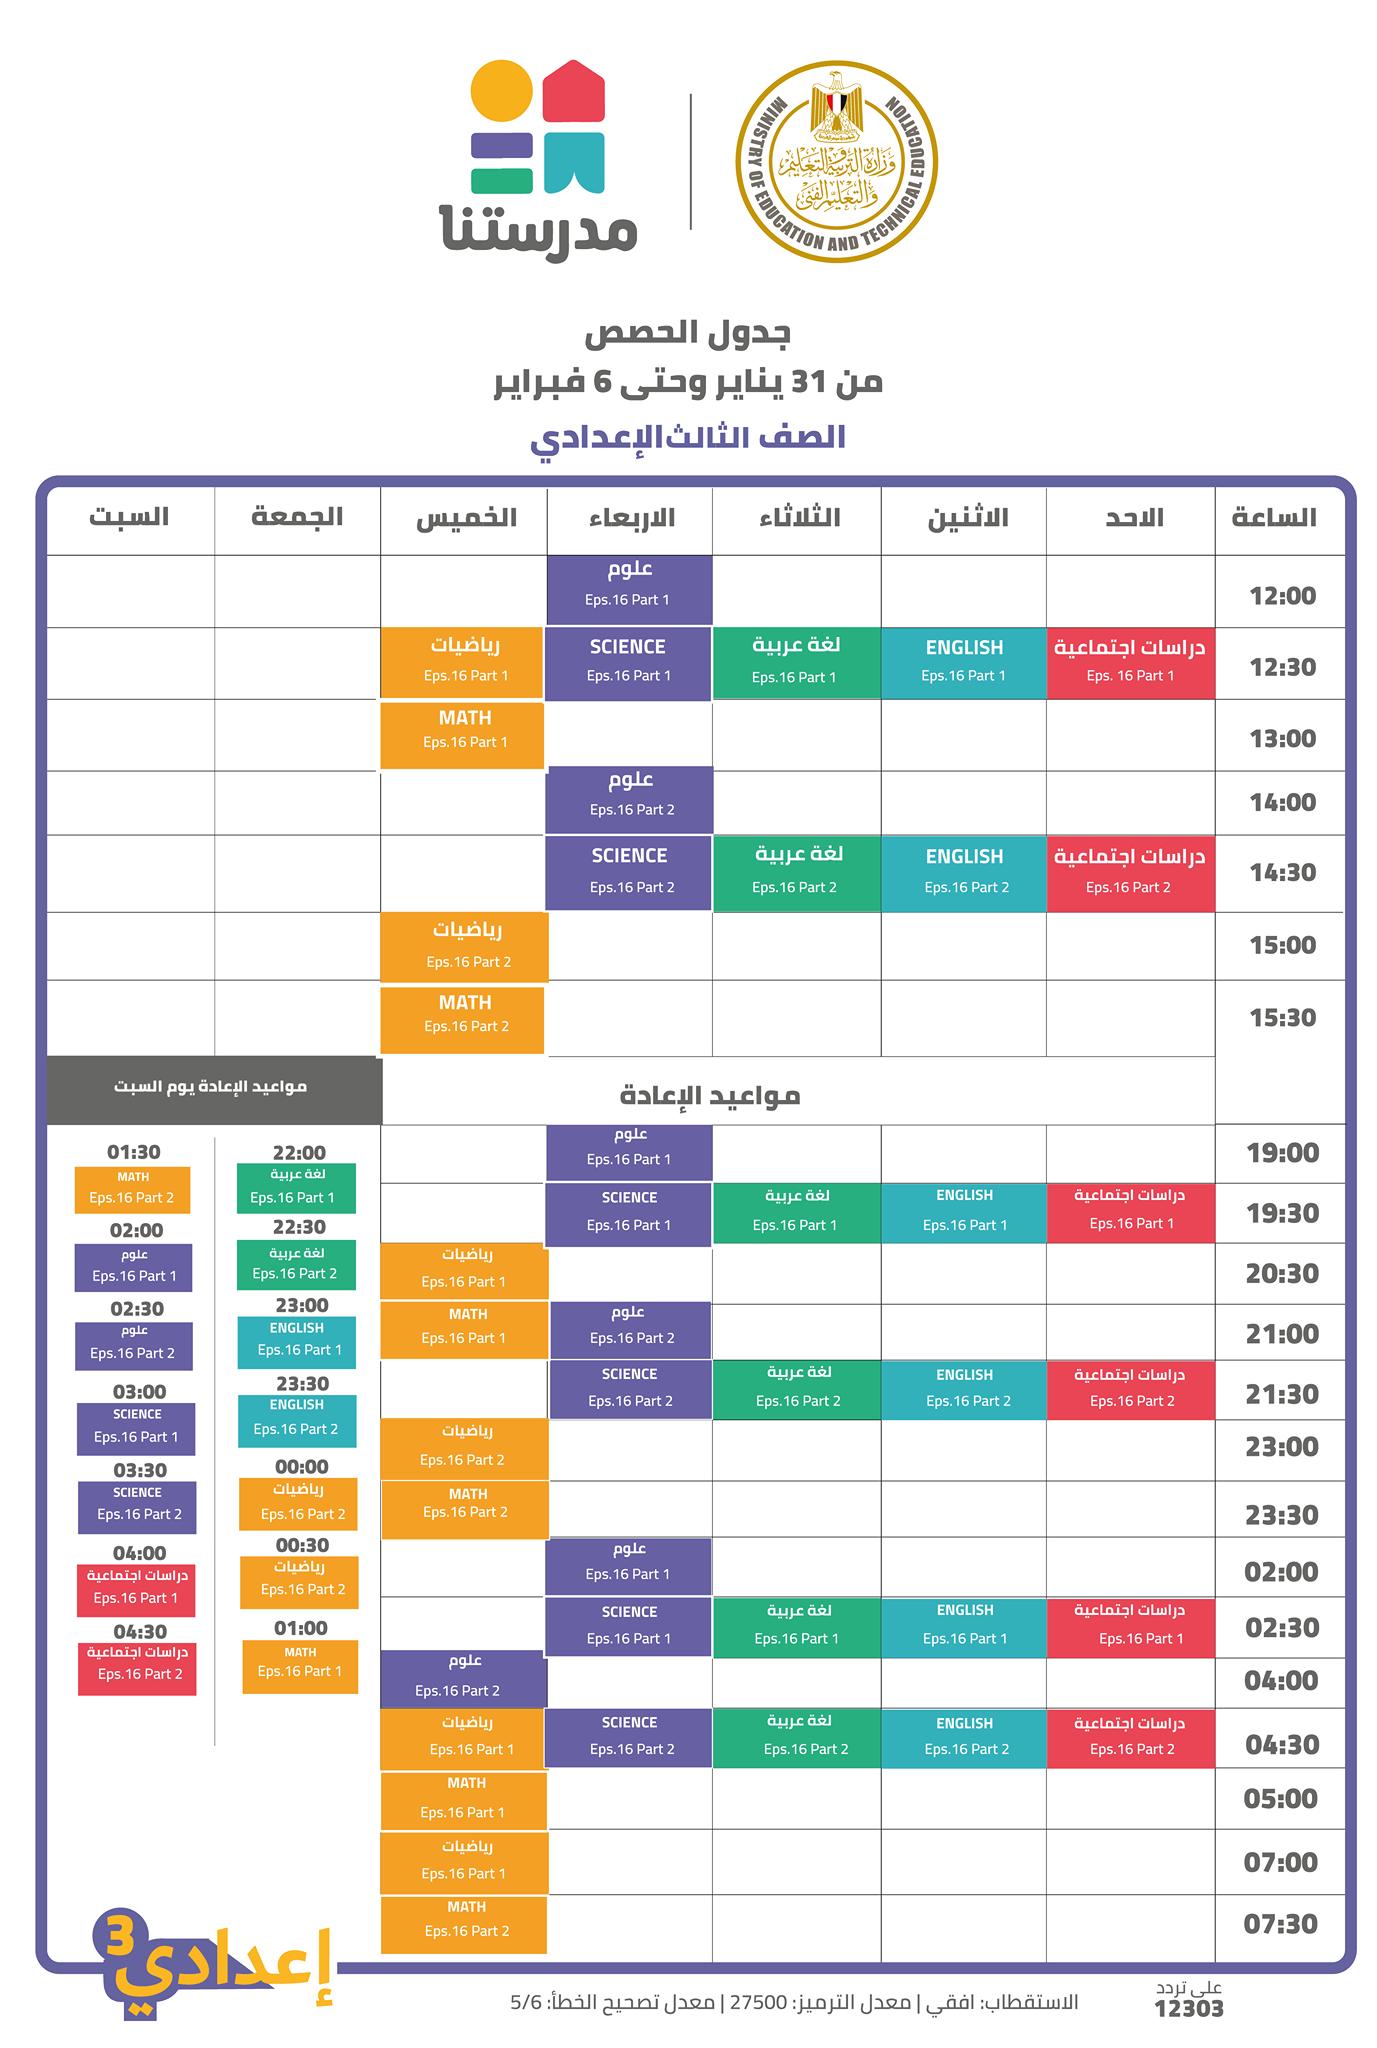 جدول مواعيد البرامج التعليمية علي قناة مدرستنا التعليمية